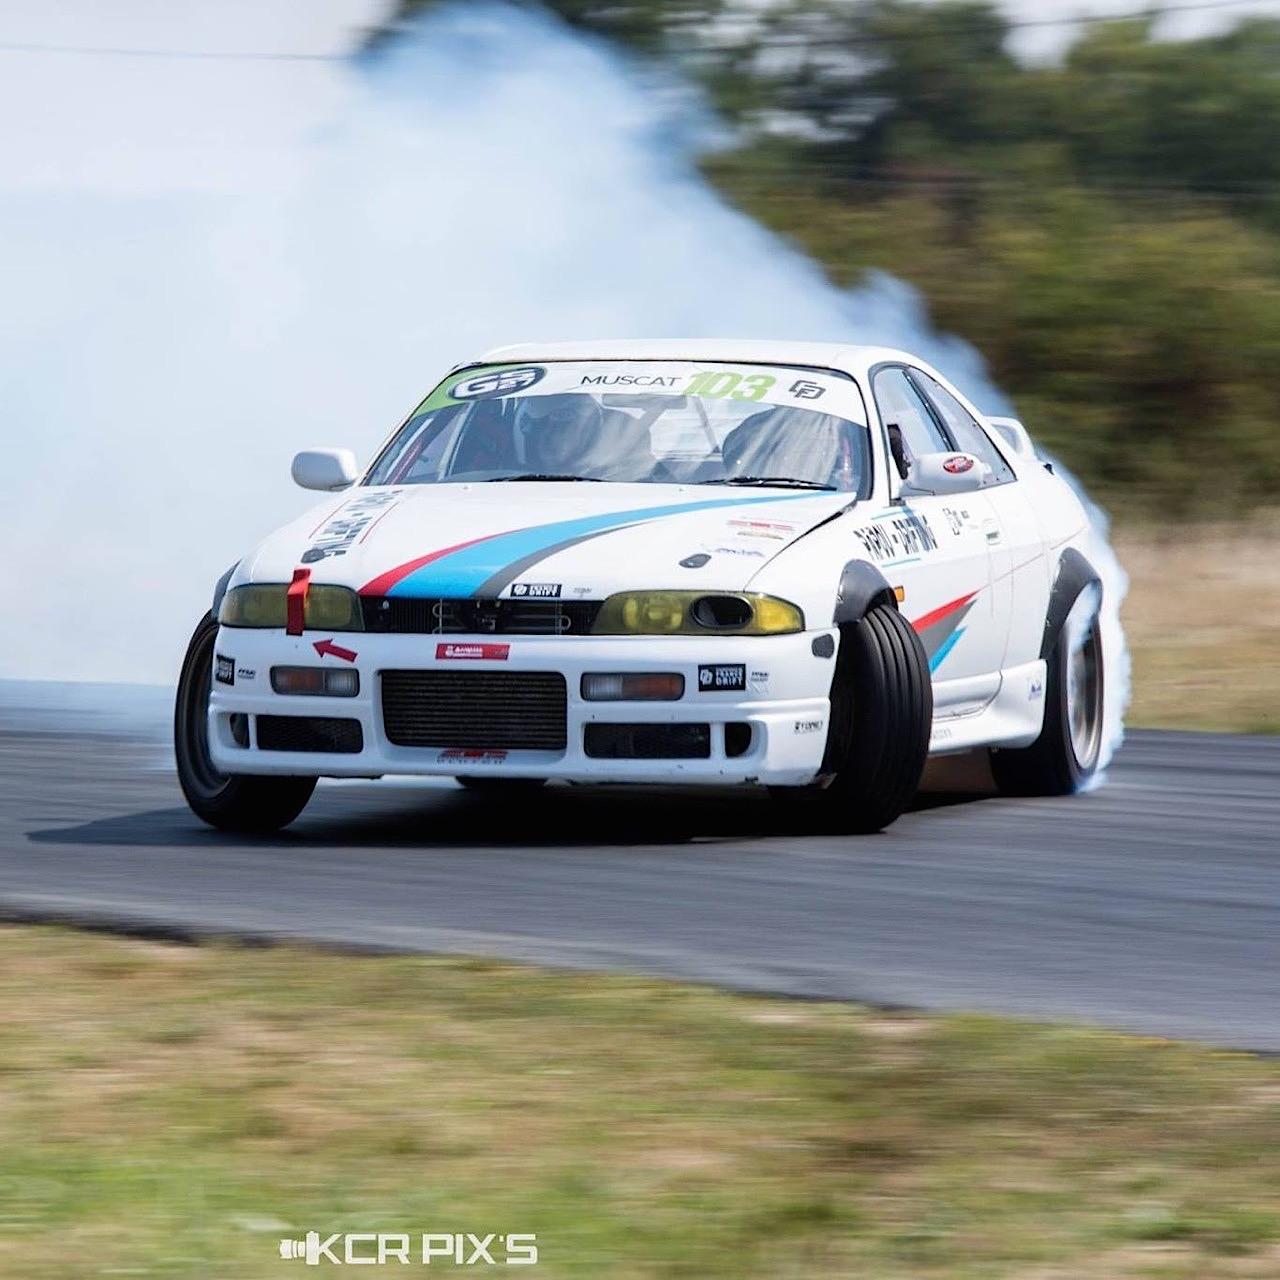 #Drifteur : Papou Drifting - Et avec une Skyline s'il vous plait ! 23